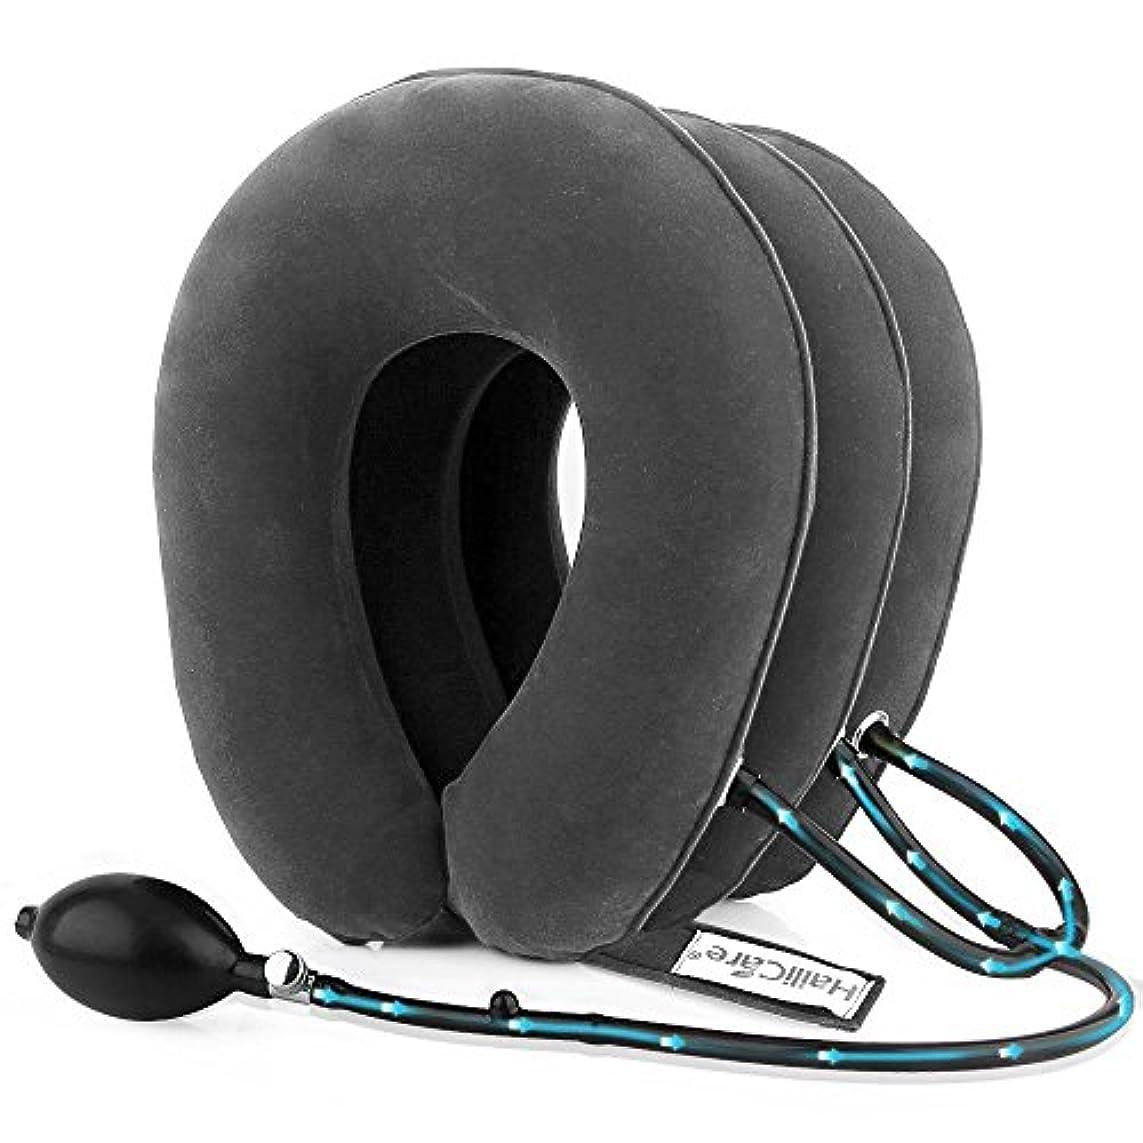 購入食品融合HailiCare Neck Pillow, Inflatable Cervical Neck Traction Device, Effective and Instant Relief for Chronic Neck and Shoulder Pain, Cervical Collar Adjustable (Grey) 141[並行輸入]